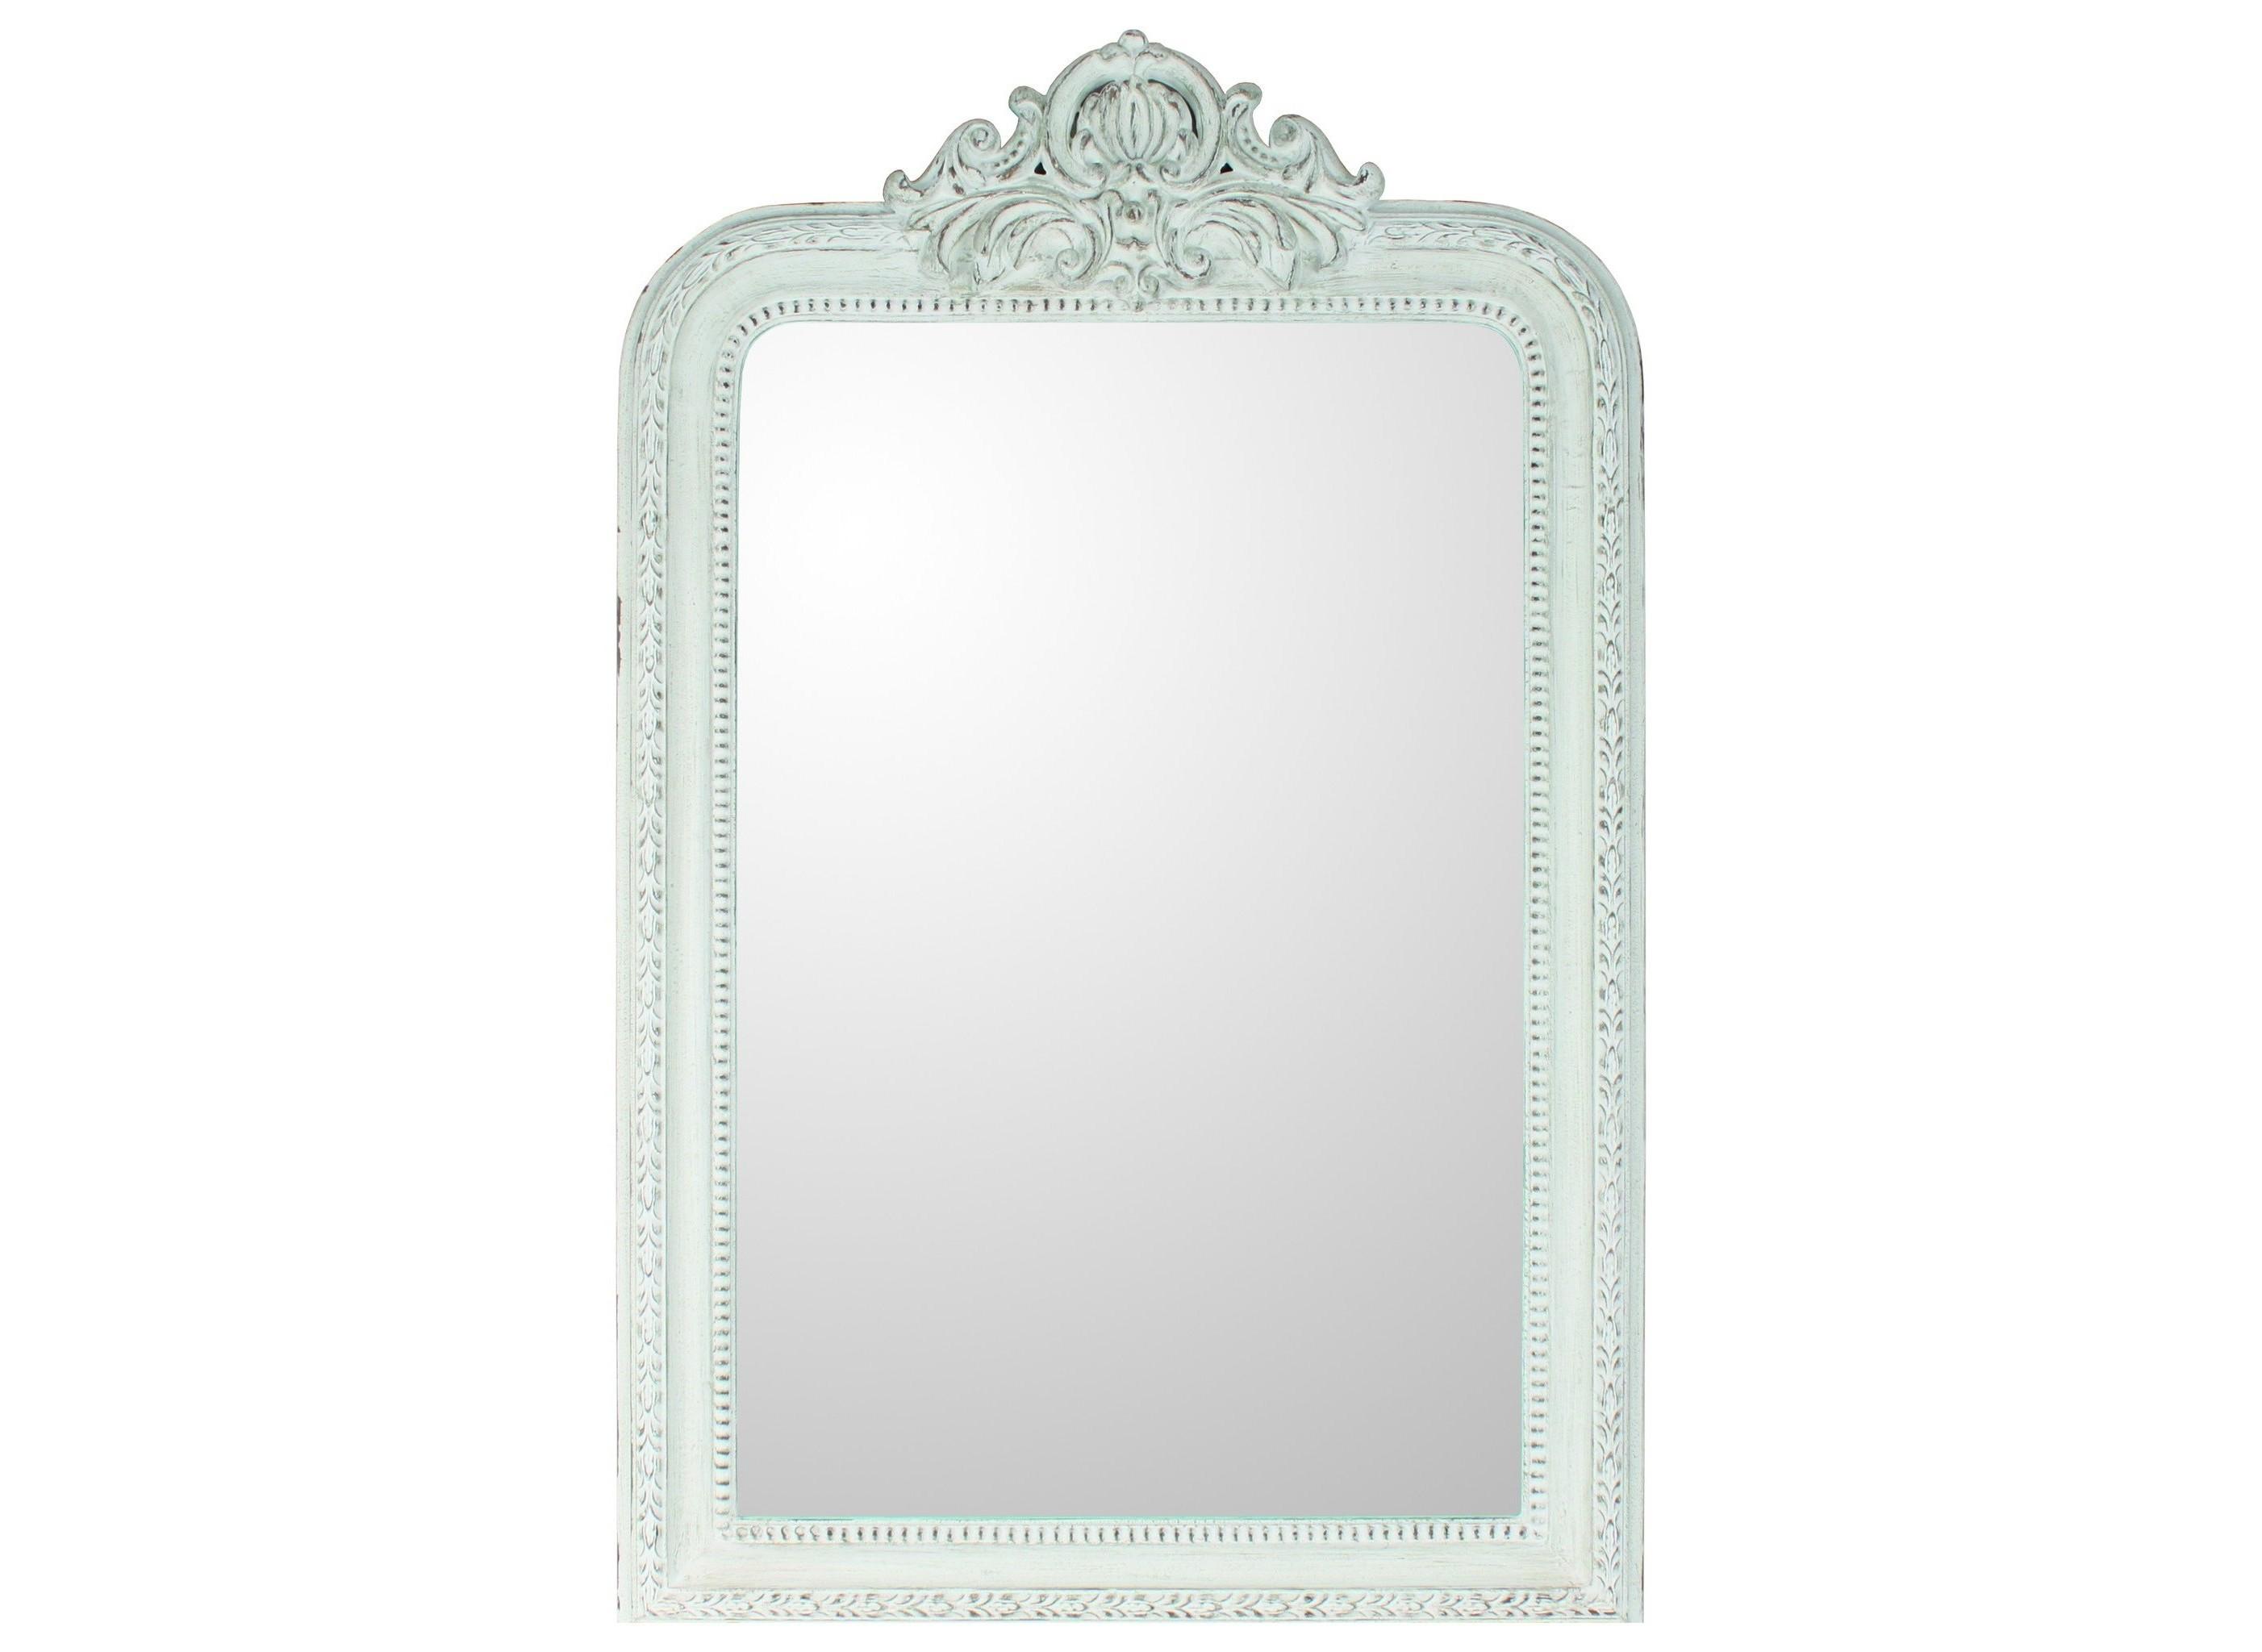 Настенное зеркало  ZeldaНастенные зеркала<br><br><br>Material: Дерево<br>Width см: 77<br>Depth см: 5<br>Height см: 120